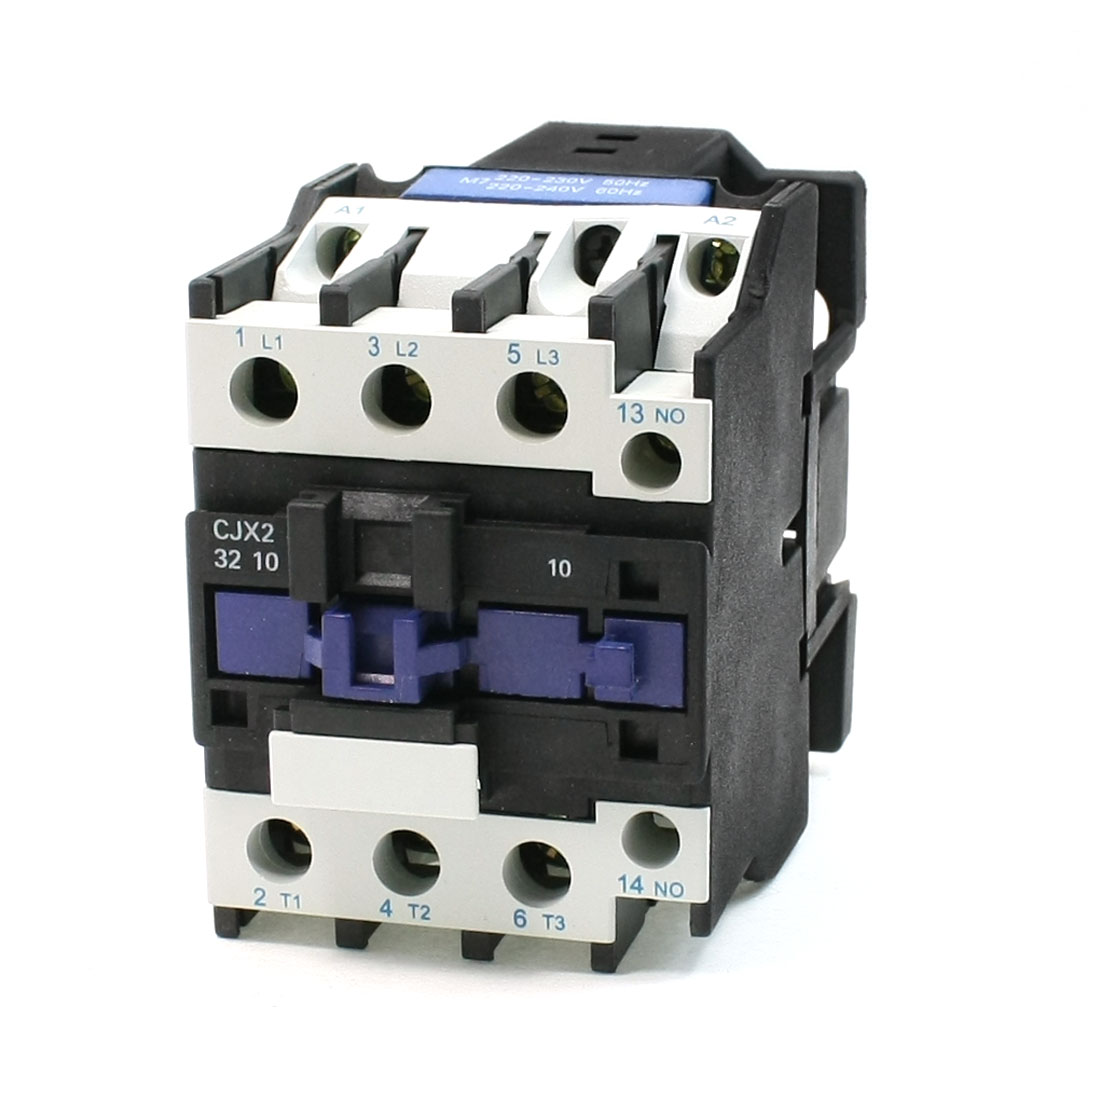 50/60Hz 220V 50A 35mm DIN Rail 3P 1NO 1NC 36V AC Contactor CJX2-32